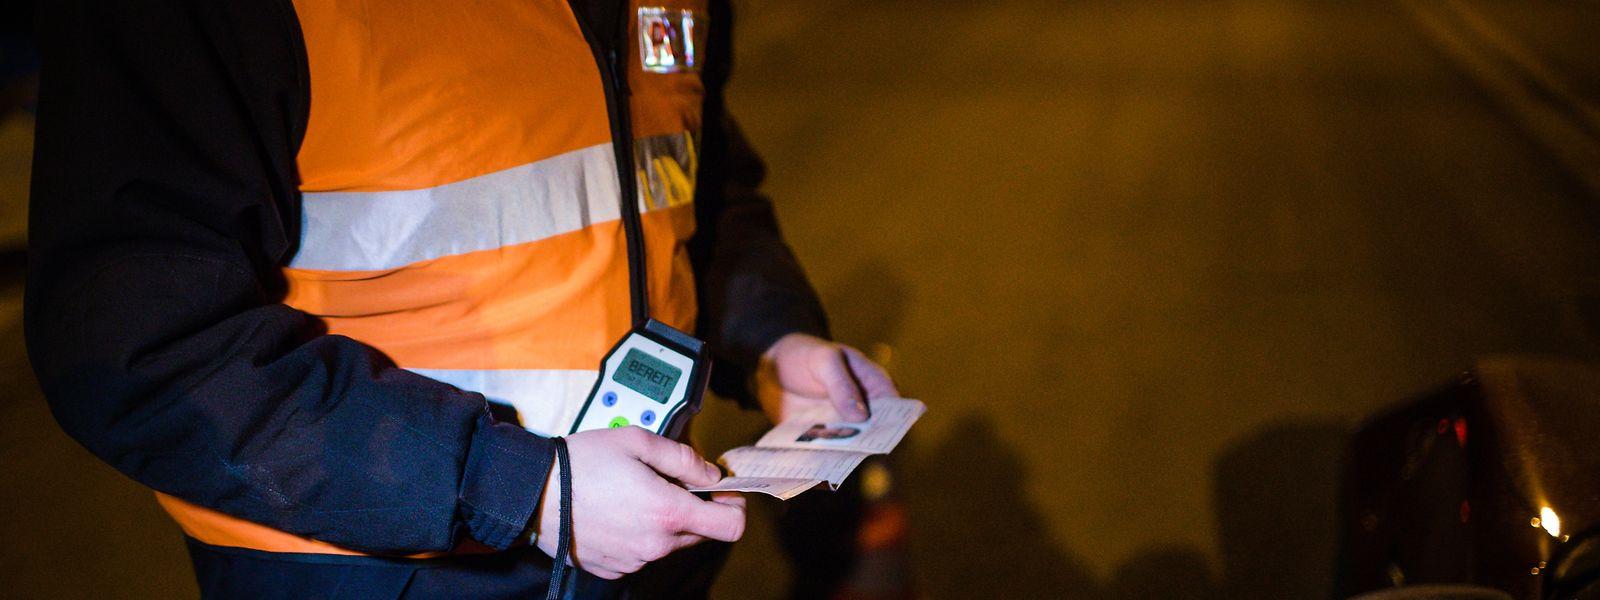 In der Nacht zum Samstag zog die Polizei einige Führerscheine wegen Alkohol am Steuer ein.